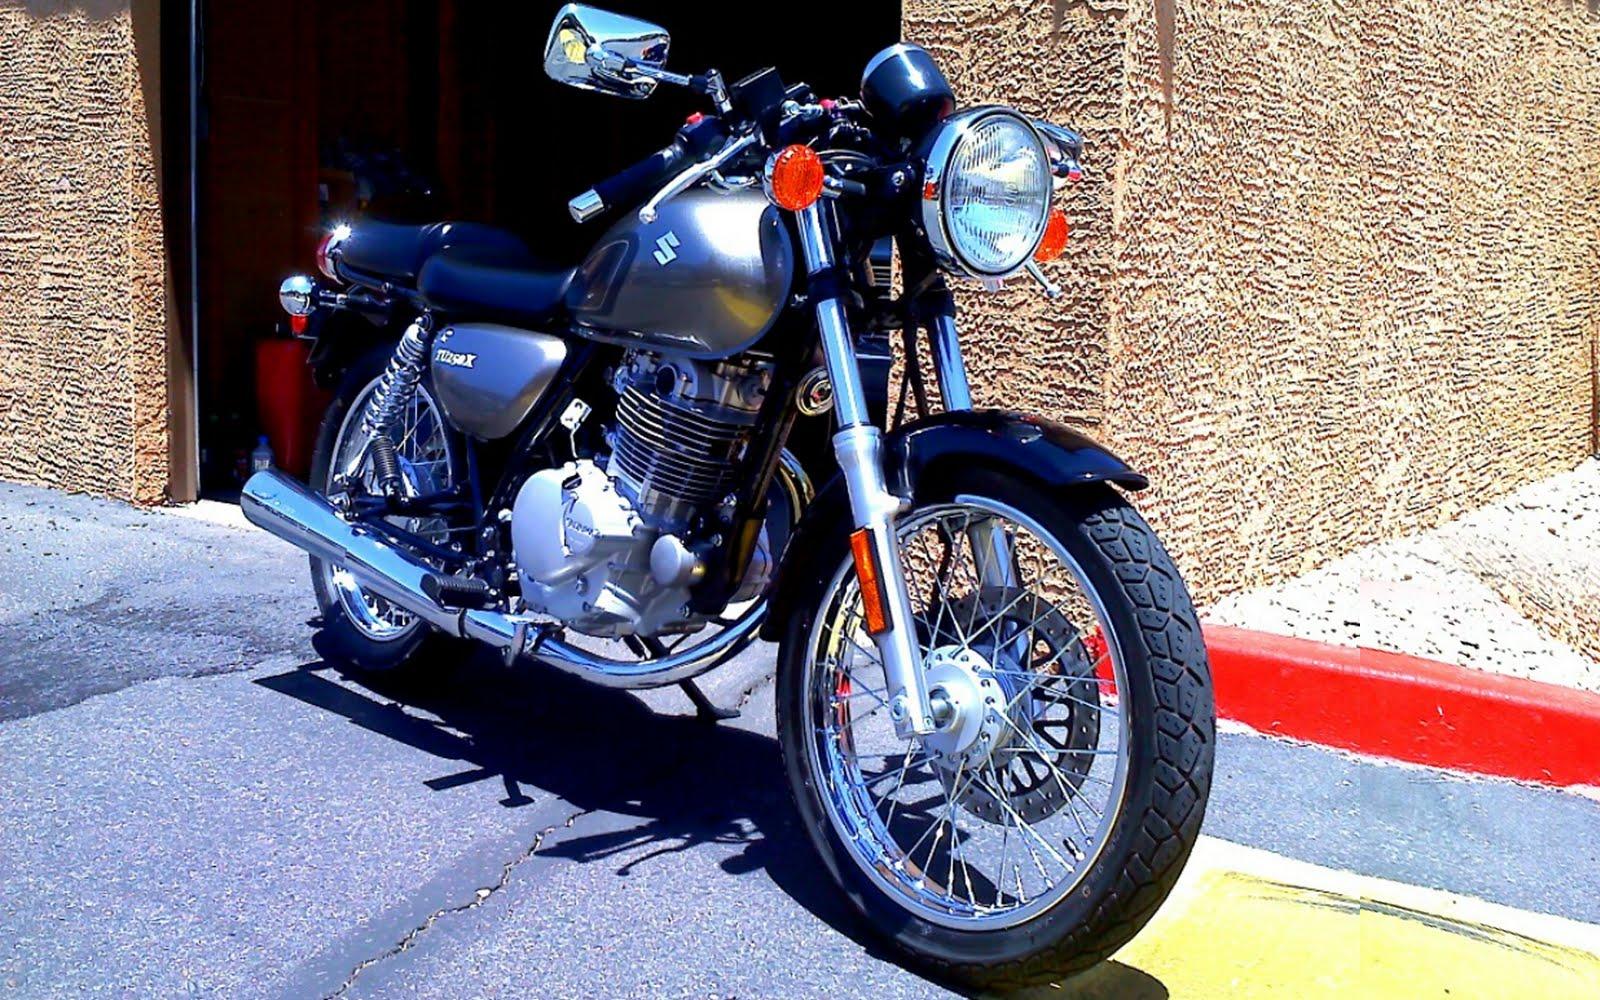 suzuki tu250x: bikemaster clubman handlebars